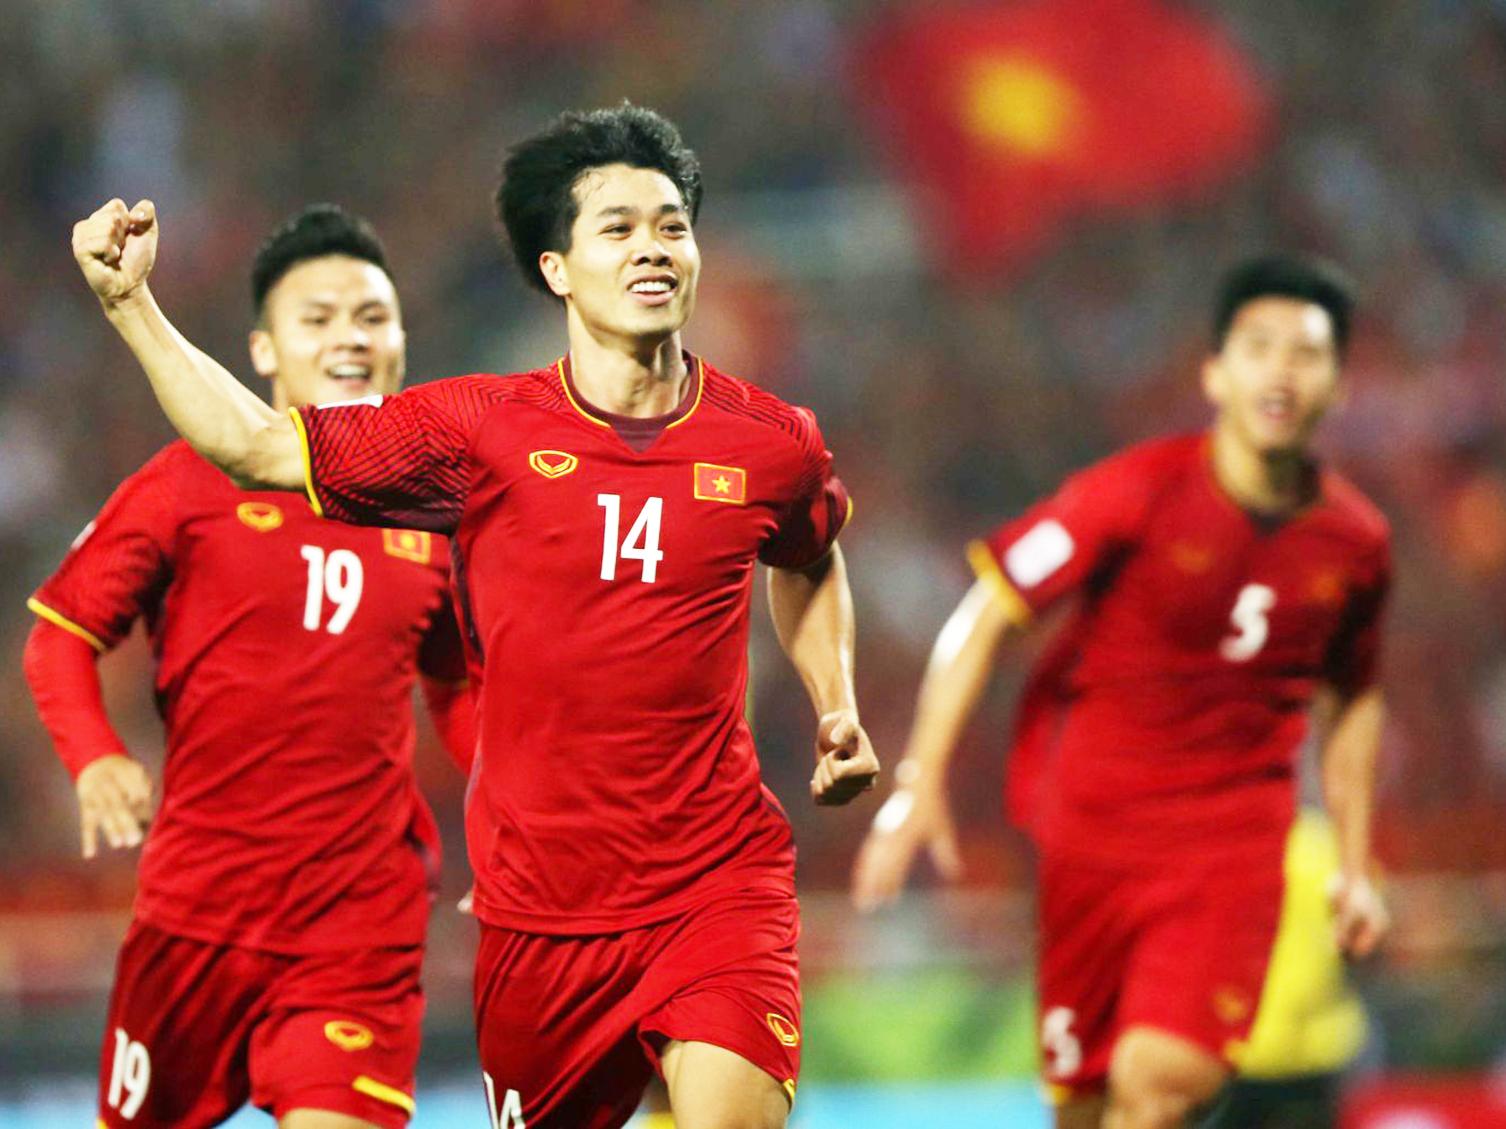 Thành tích các đội tuyển Việt Nam rất tốt trong thời gian qua, nhưng VFF vẫn chưa thể khai thác để kiếm tiền. Ảnh: ANH HUY